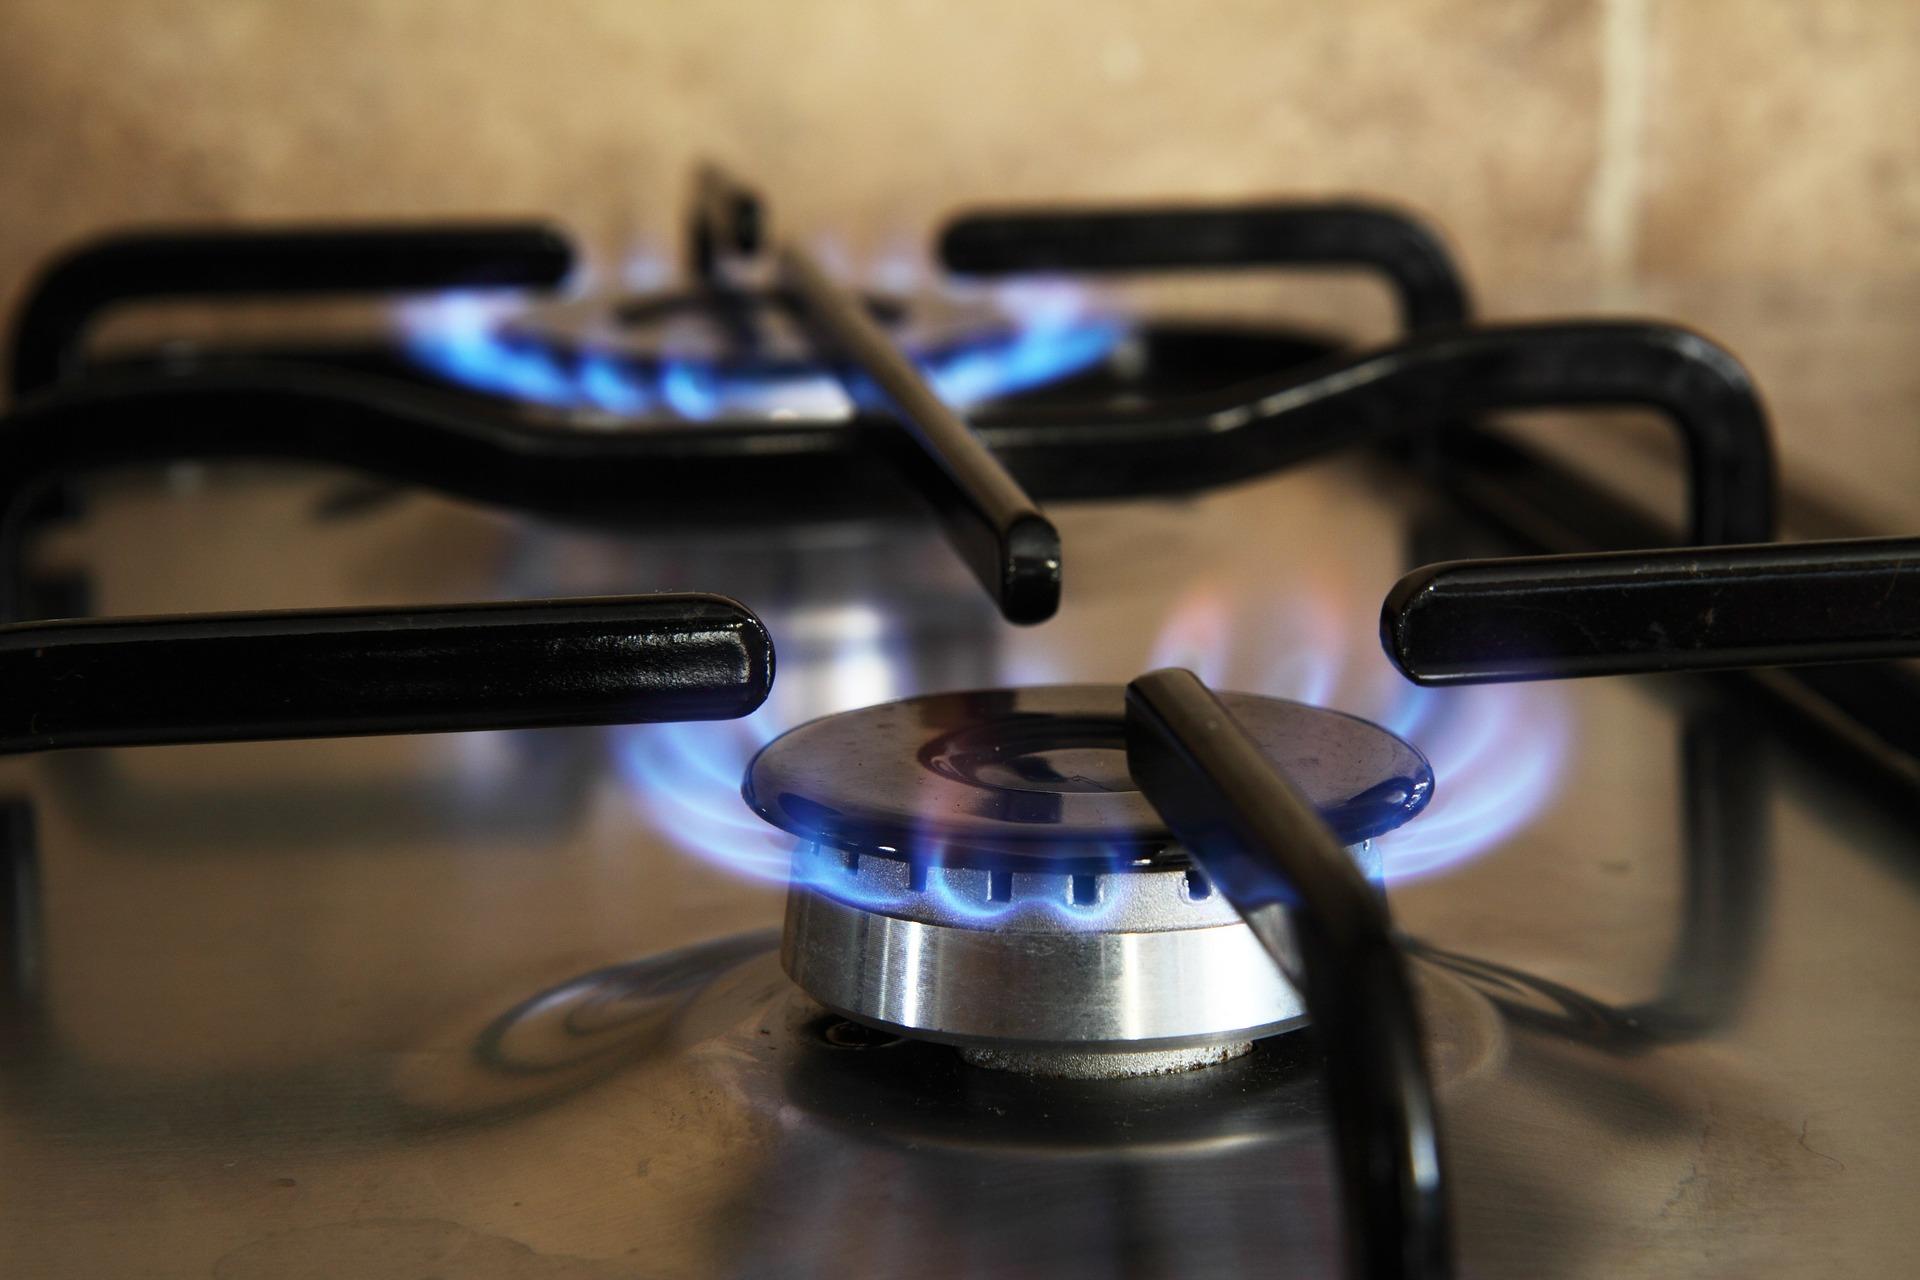 Gas vergleich